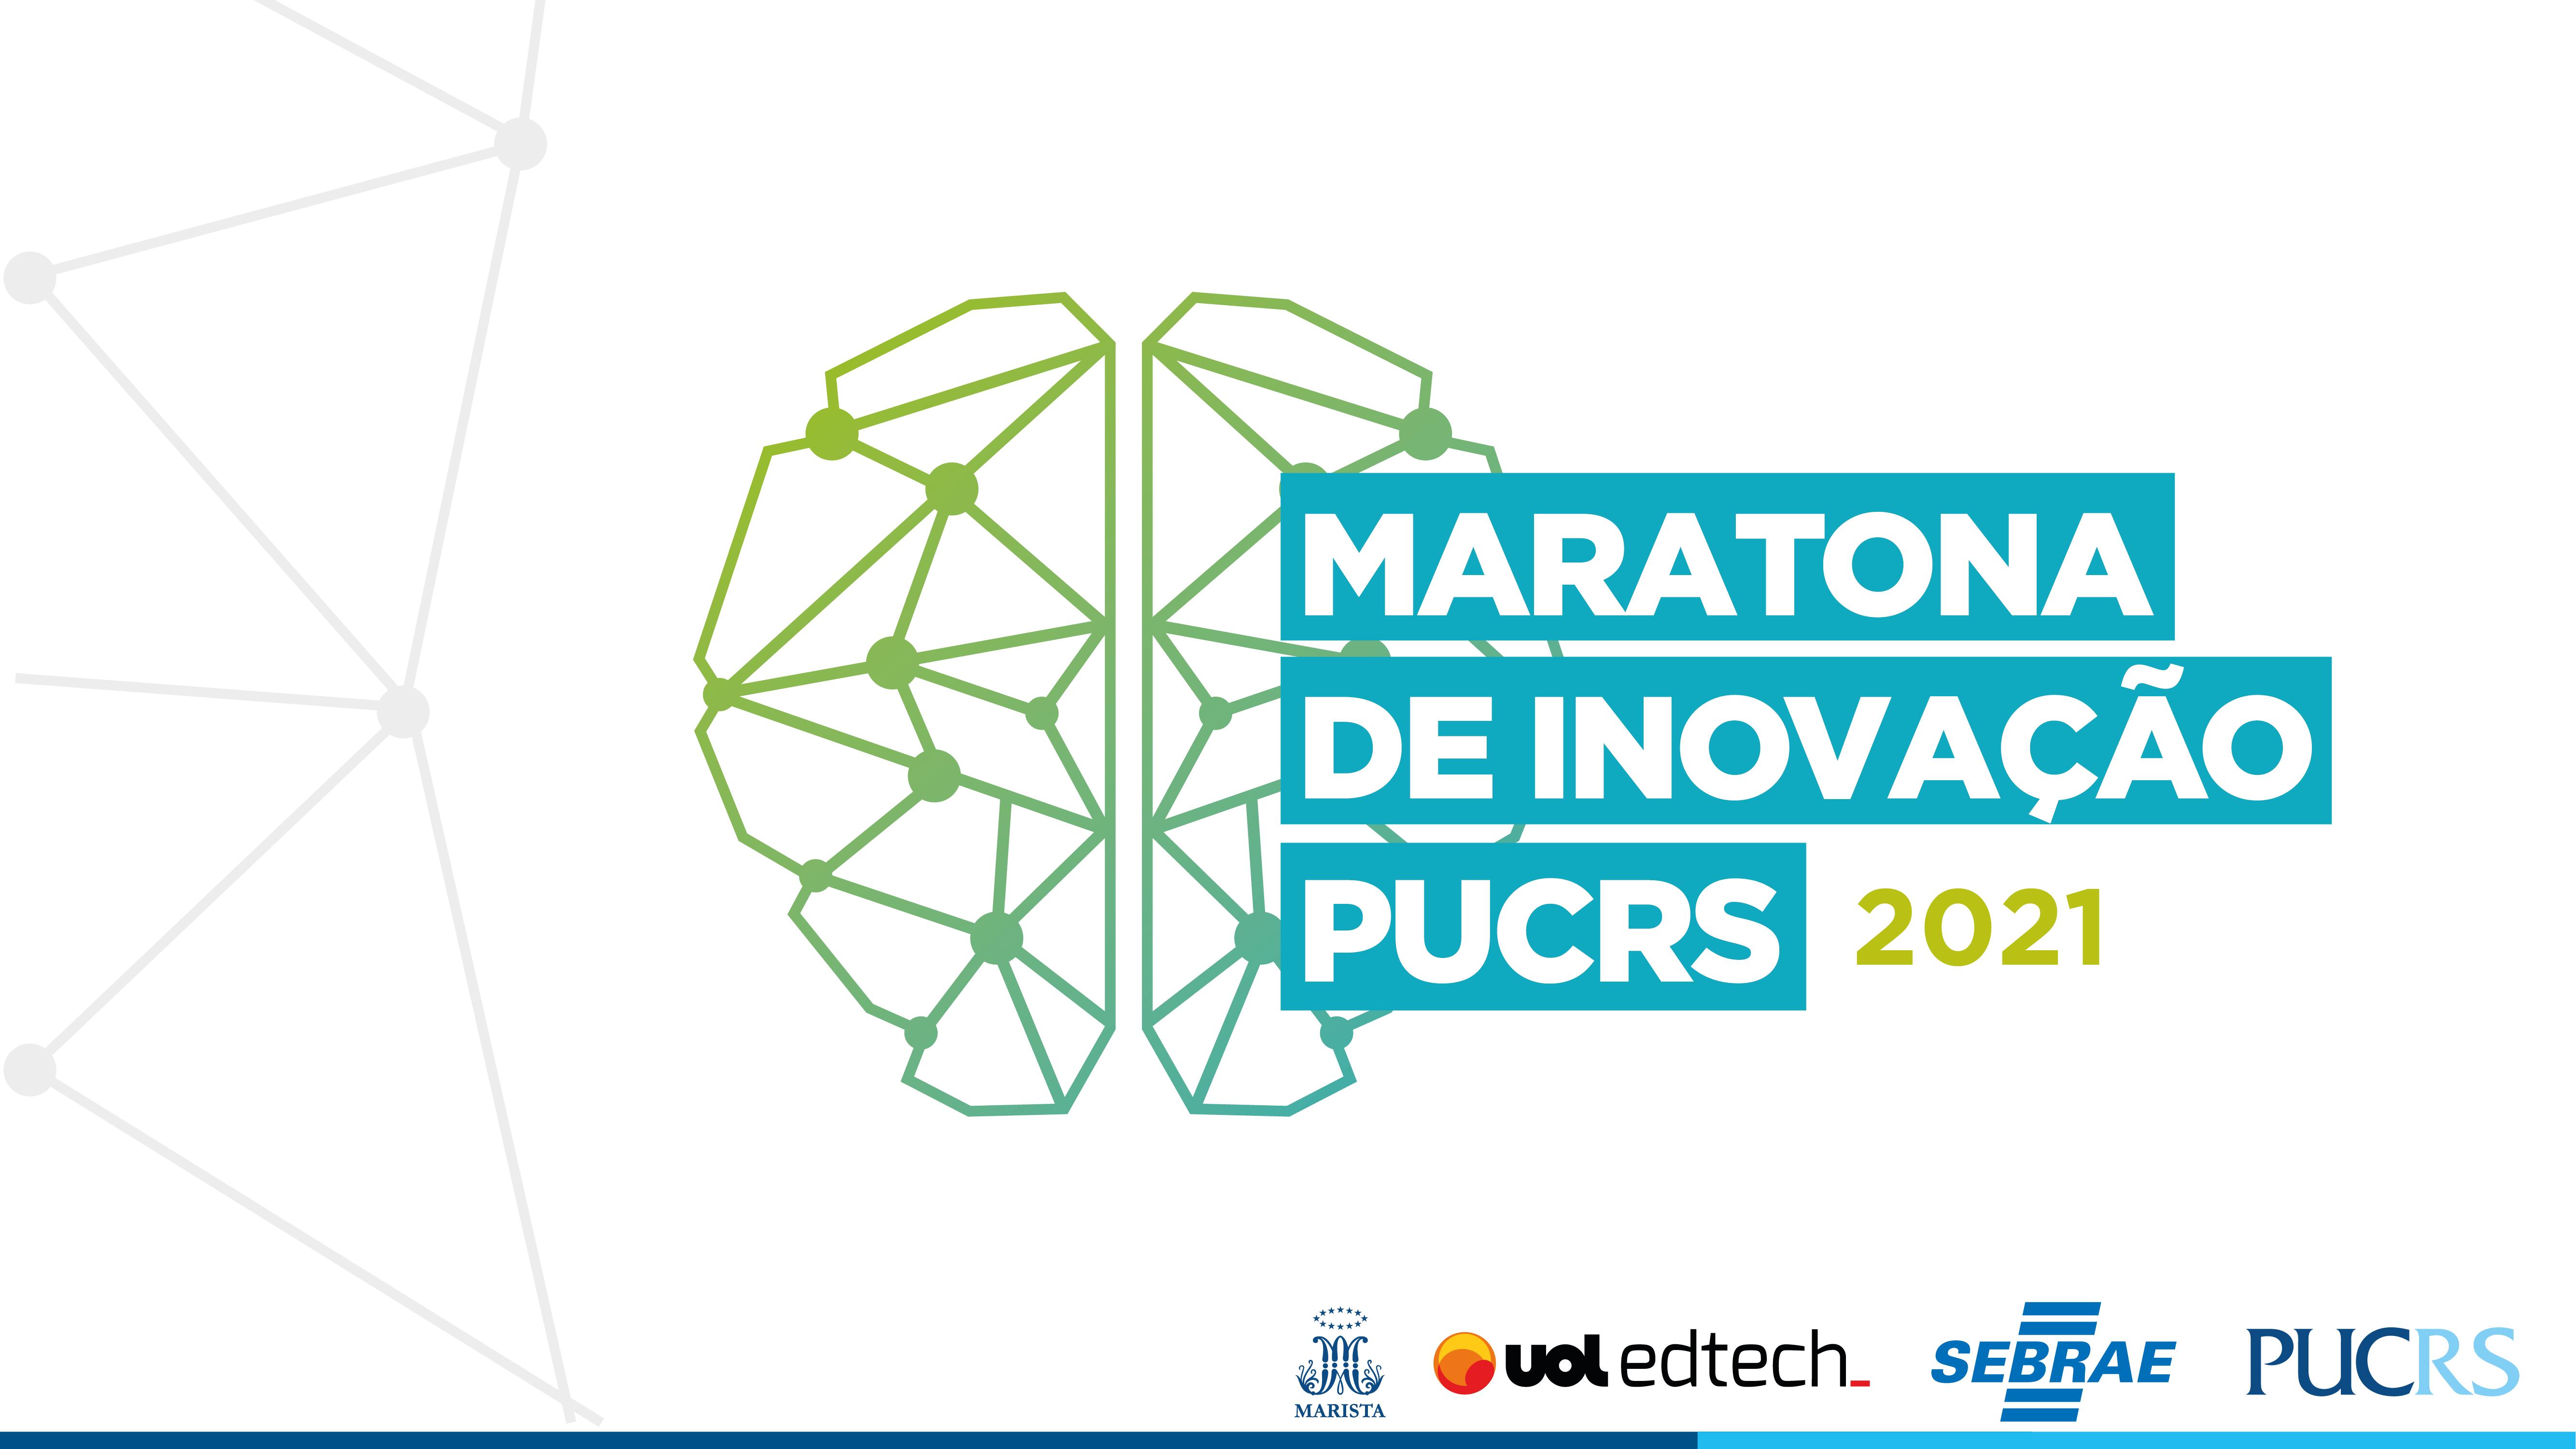 Conheça os projetos que foram destaque na Maratona de Inovação 2021